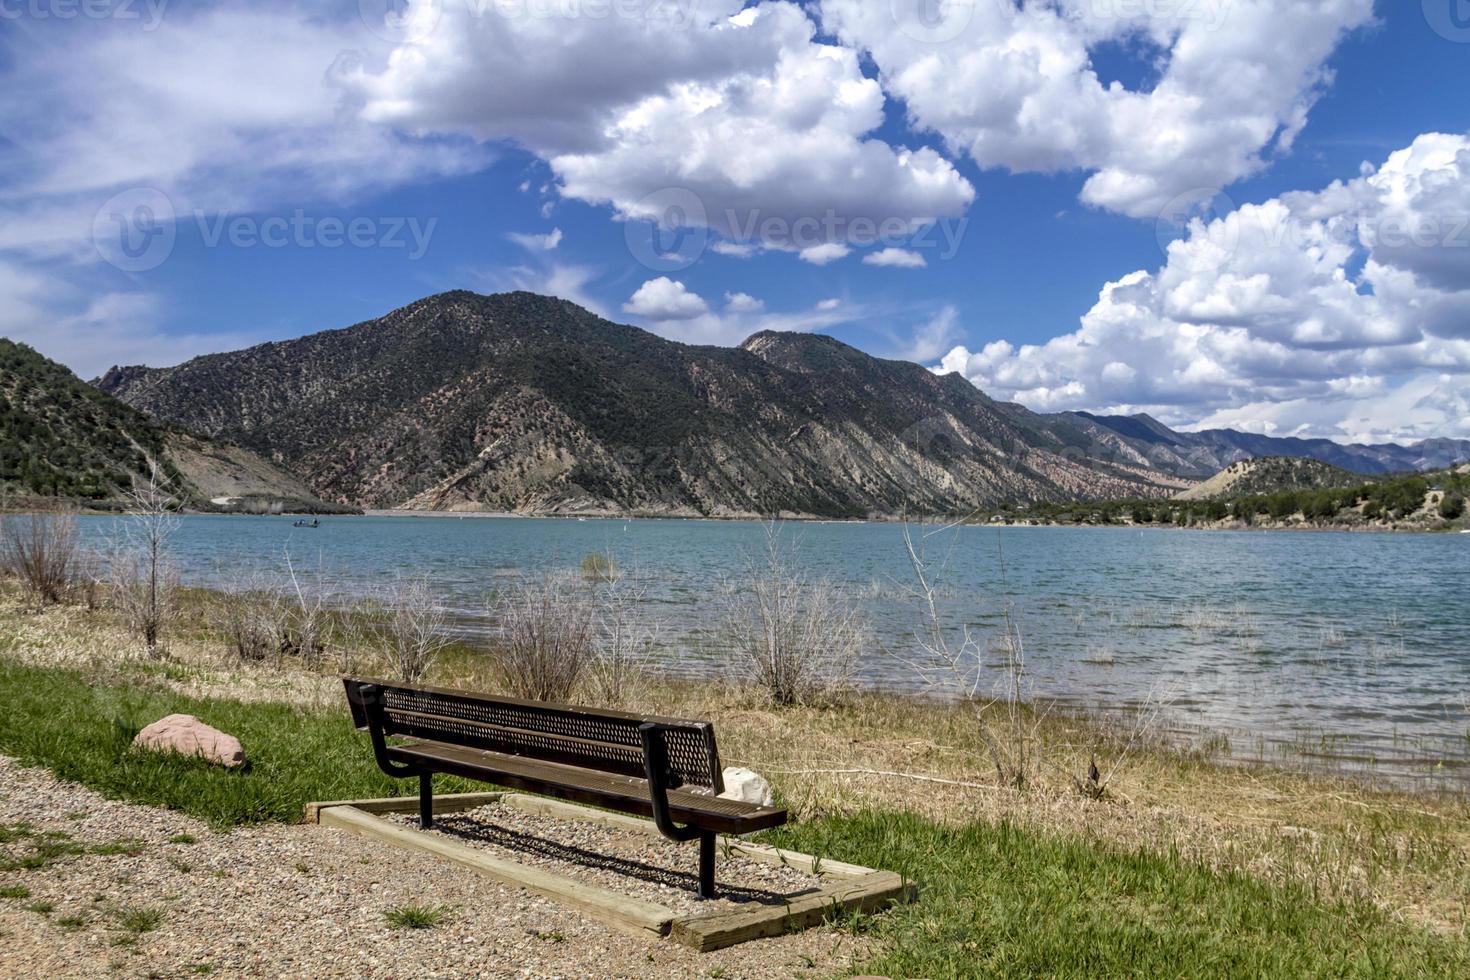 picknickområde och bänk vid sjön foto